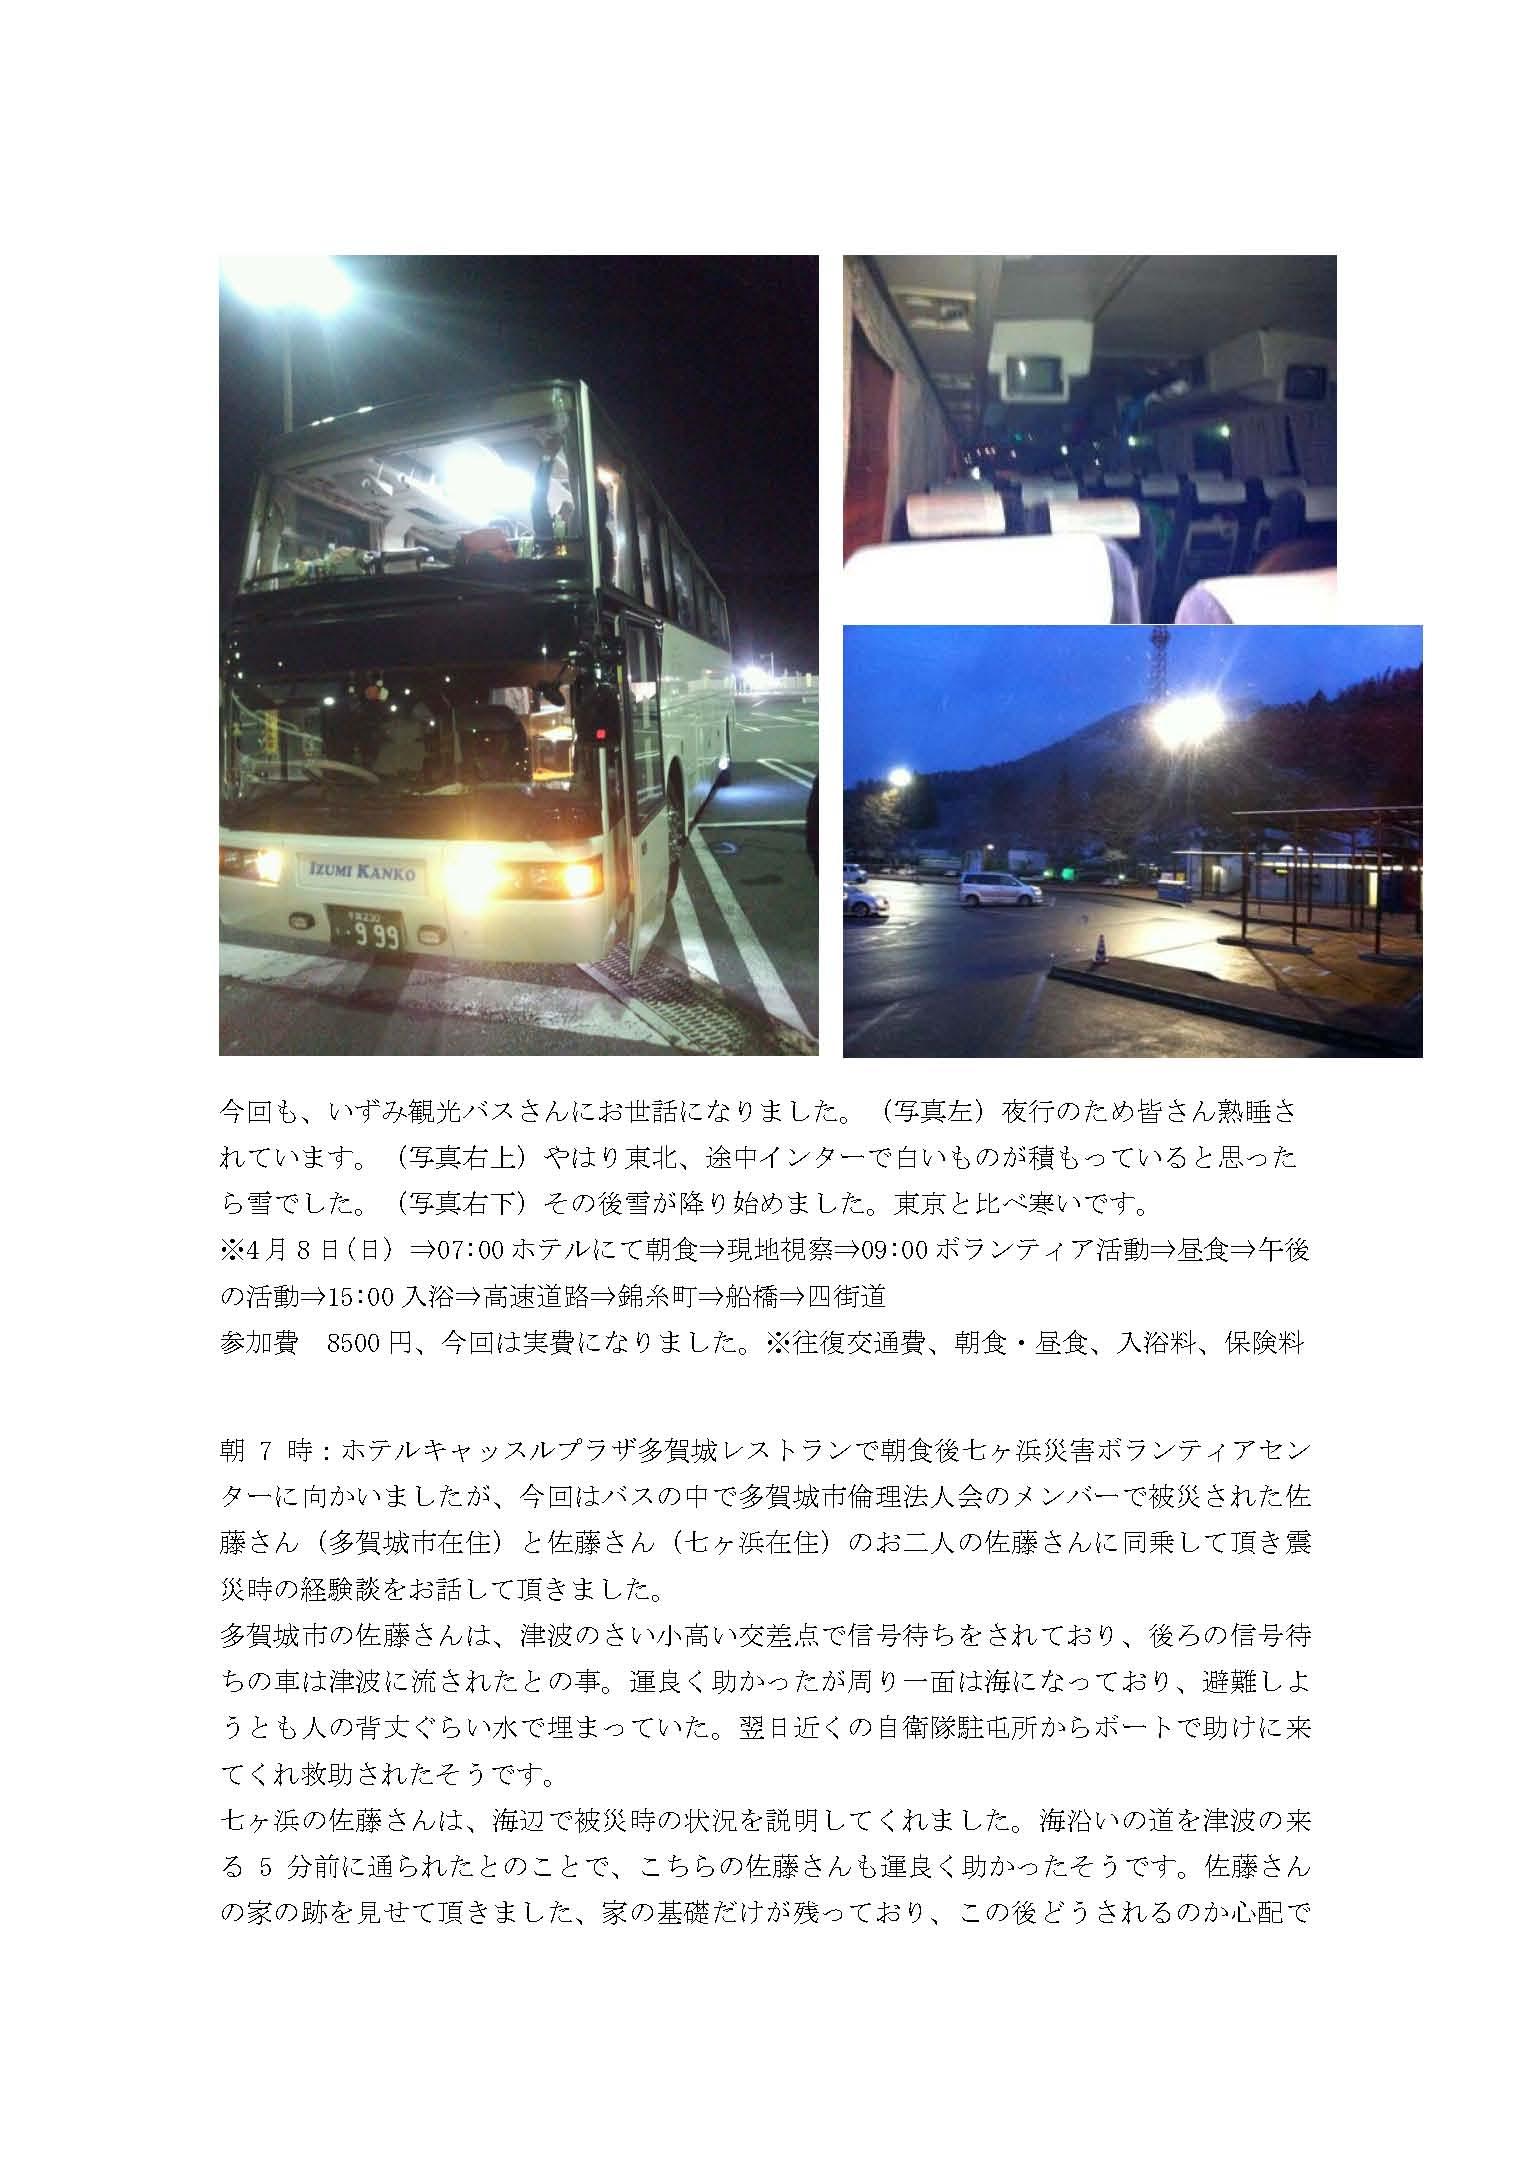 東京災害ボランティア活動報告No.13_ページ_2